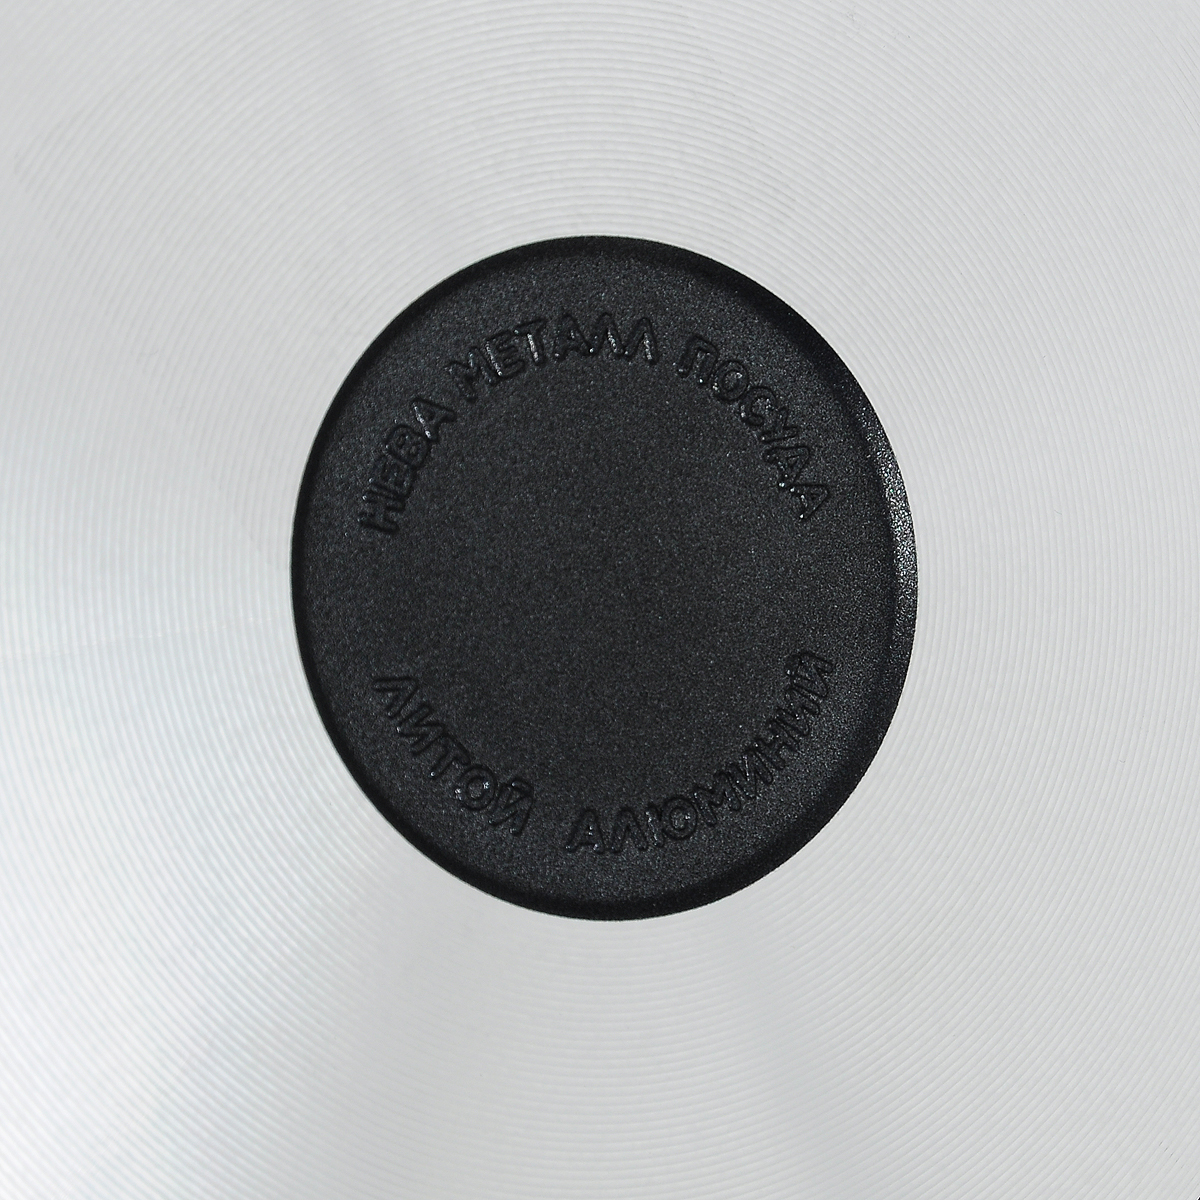 """Сковорода """"Традиционная"""" из серии литой алюминиевой посуды с антипригарным покрытием на водной основе. Антипригарное покрытие сделано на водной основе, относится к самому безопасному, четвертому классу по ГОСТу. Антипригарное покрытие традиционно производится БЕЗ использования PFOA (перфтороктановой кислоты). Равномерно нагревается за счет особой конструкции литого корпуса по принципу """"золотого сечения"""", толстых стенок (4 мм) и ещё более толстого дна (6 мм). Приготовленная еда получается особенно вкусной благодаря специфическим термоаккумулирующим свойствами пищевого сплава алюминия с кремнием. Корпус, отлитый вручную, практически не подвержен деформации даже при сильном нагреве.    Посуда подходит для использования на газовых, электрических и стеклокерамических плитах; морозильной камере; ее можно мыть в посудомоечной машине. Характеристики:  Материал: алюминий. Диаметр сковороды: 22 см. Высота стенки: 5,5 см. Длина ручки: 19 см. Диаметр дна: 16 см. Толщина стенок: 4 мм. Толщина дна: 6 мм. Производитель: Россия. Размер упаковки: 41,5 см х 23 см х 5,5 см. Артикул: 6122."""